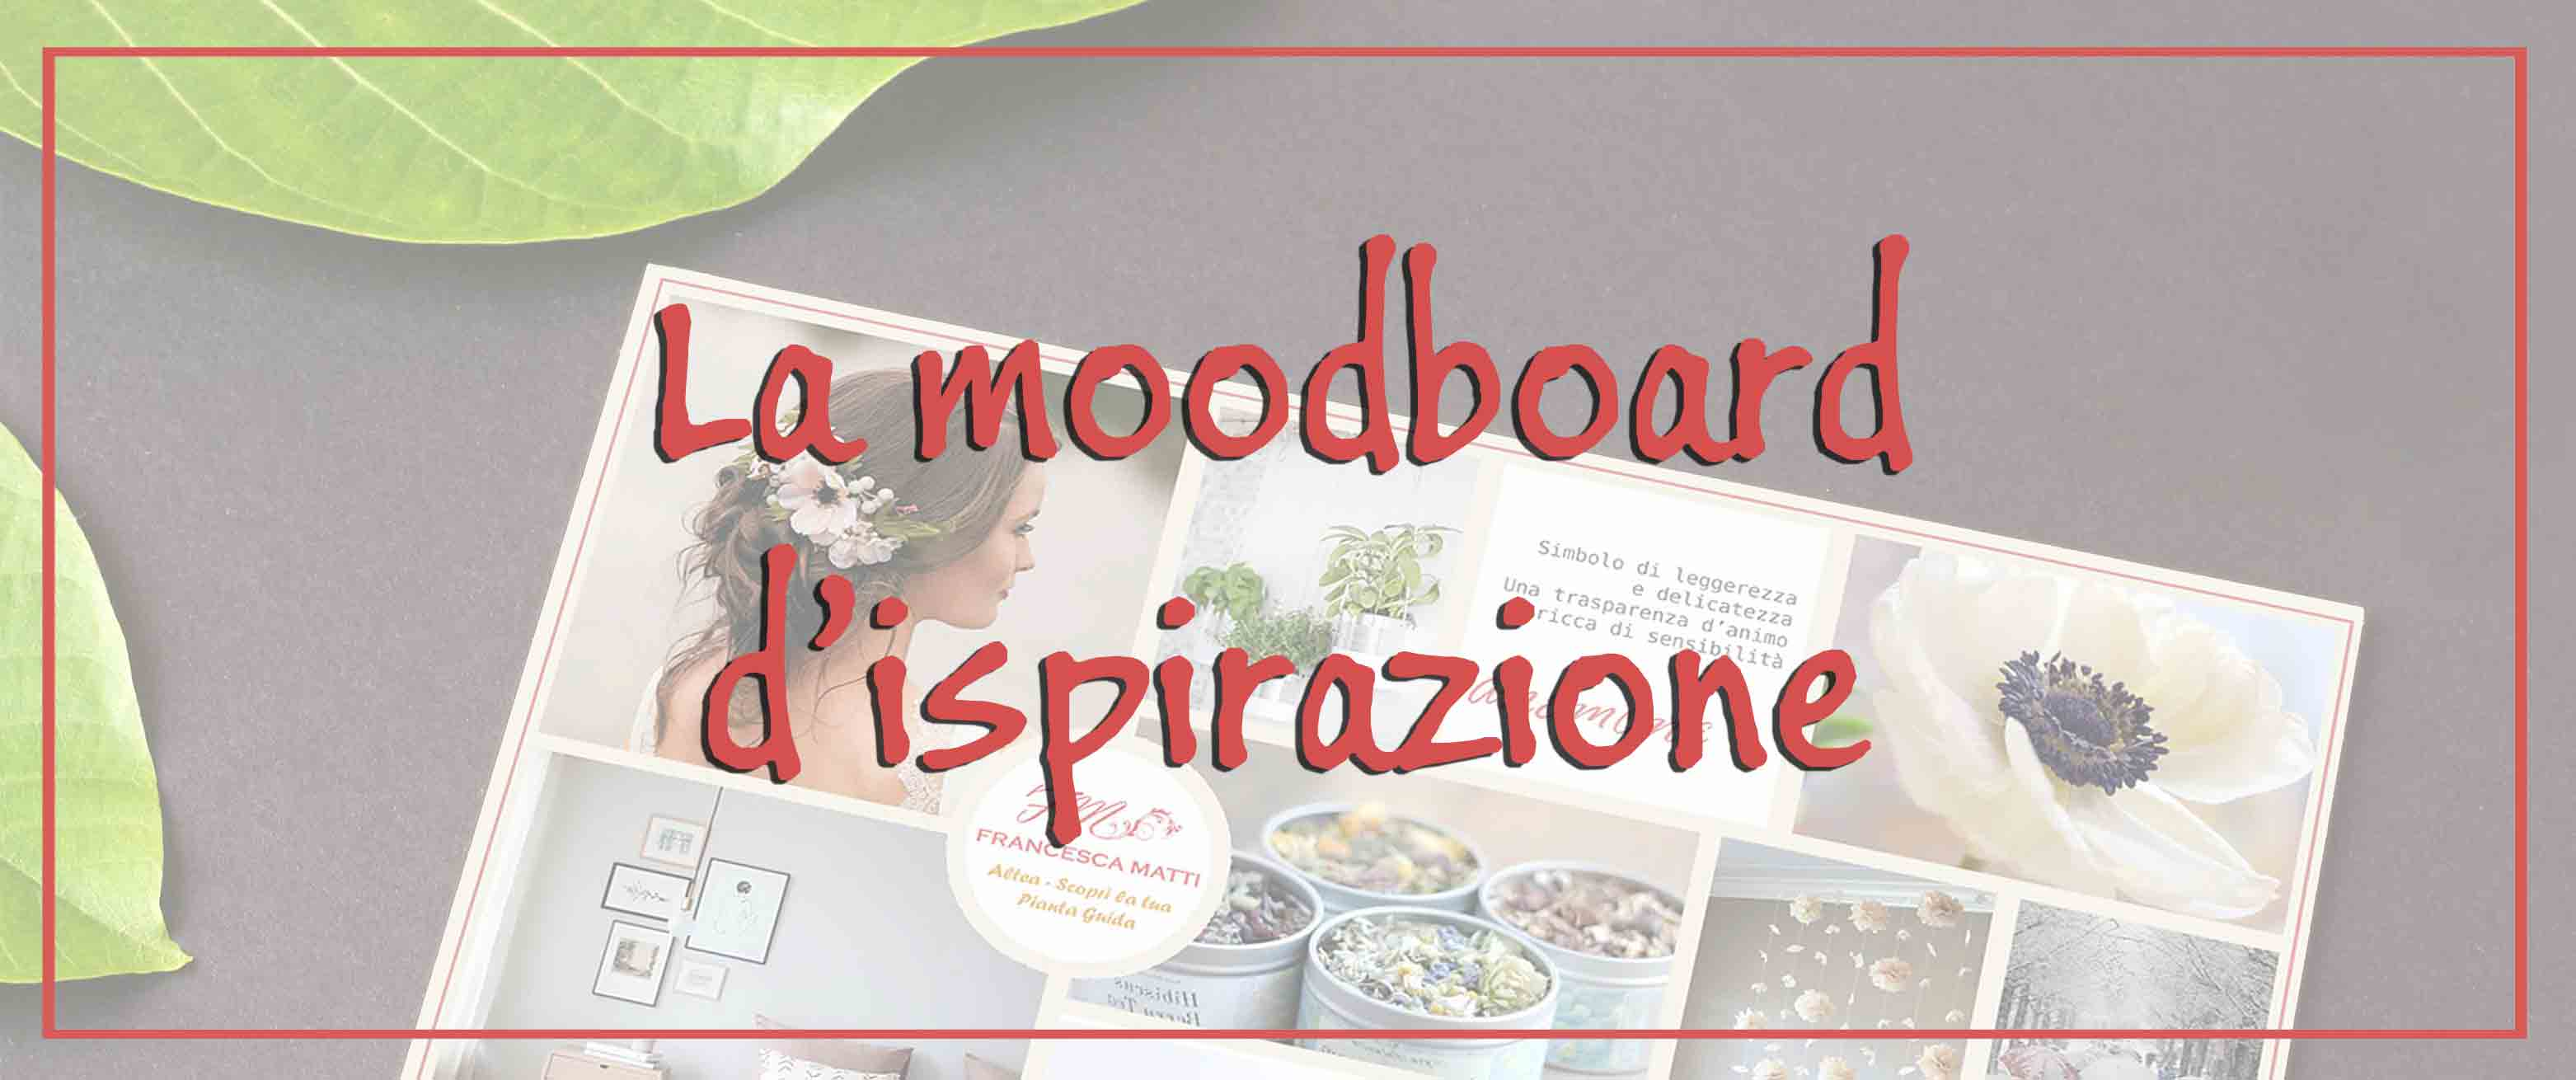 La moodboard d'ispirazione